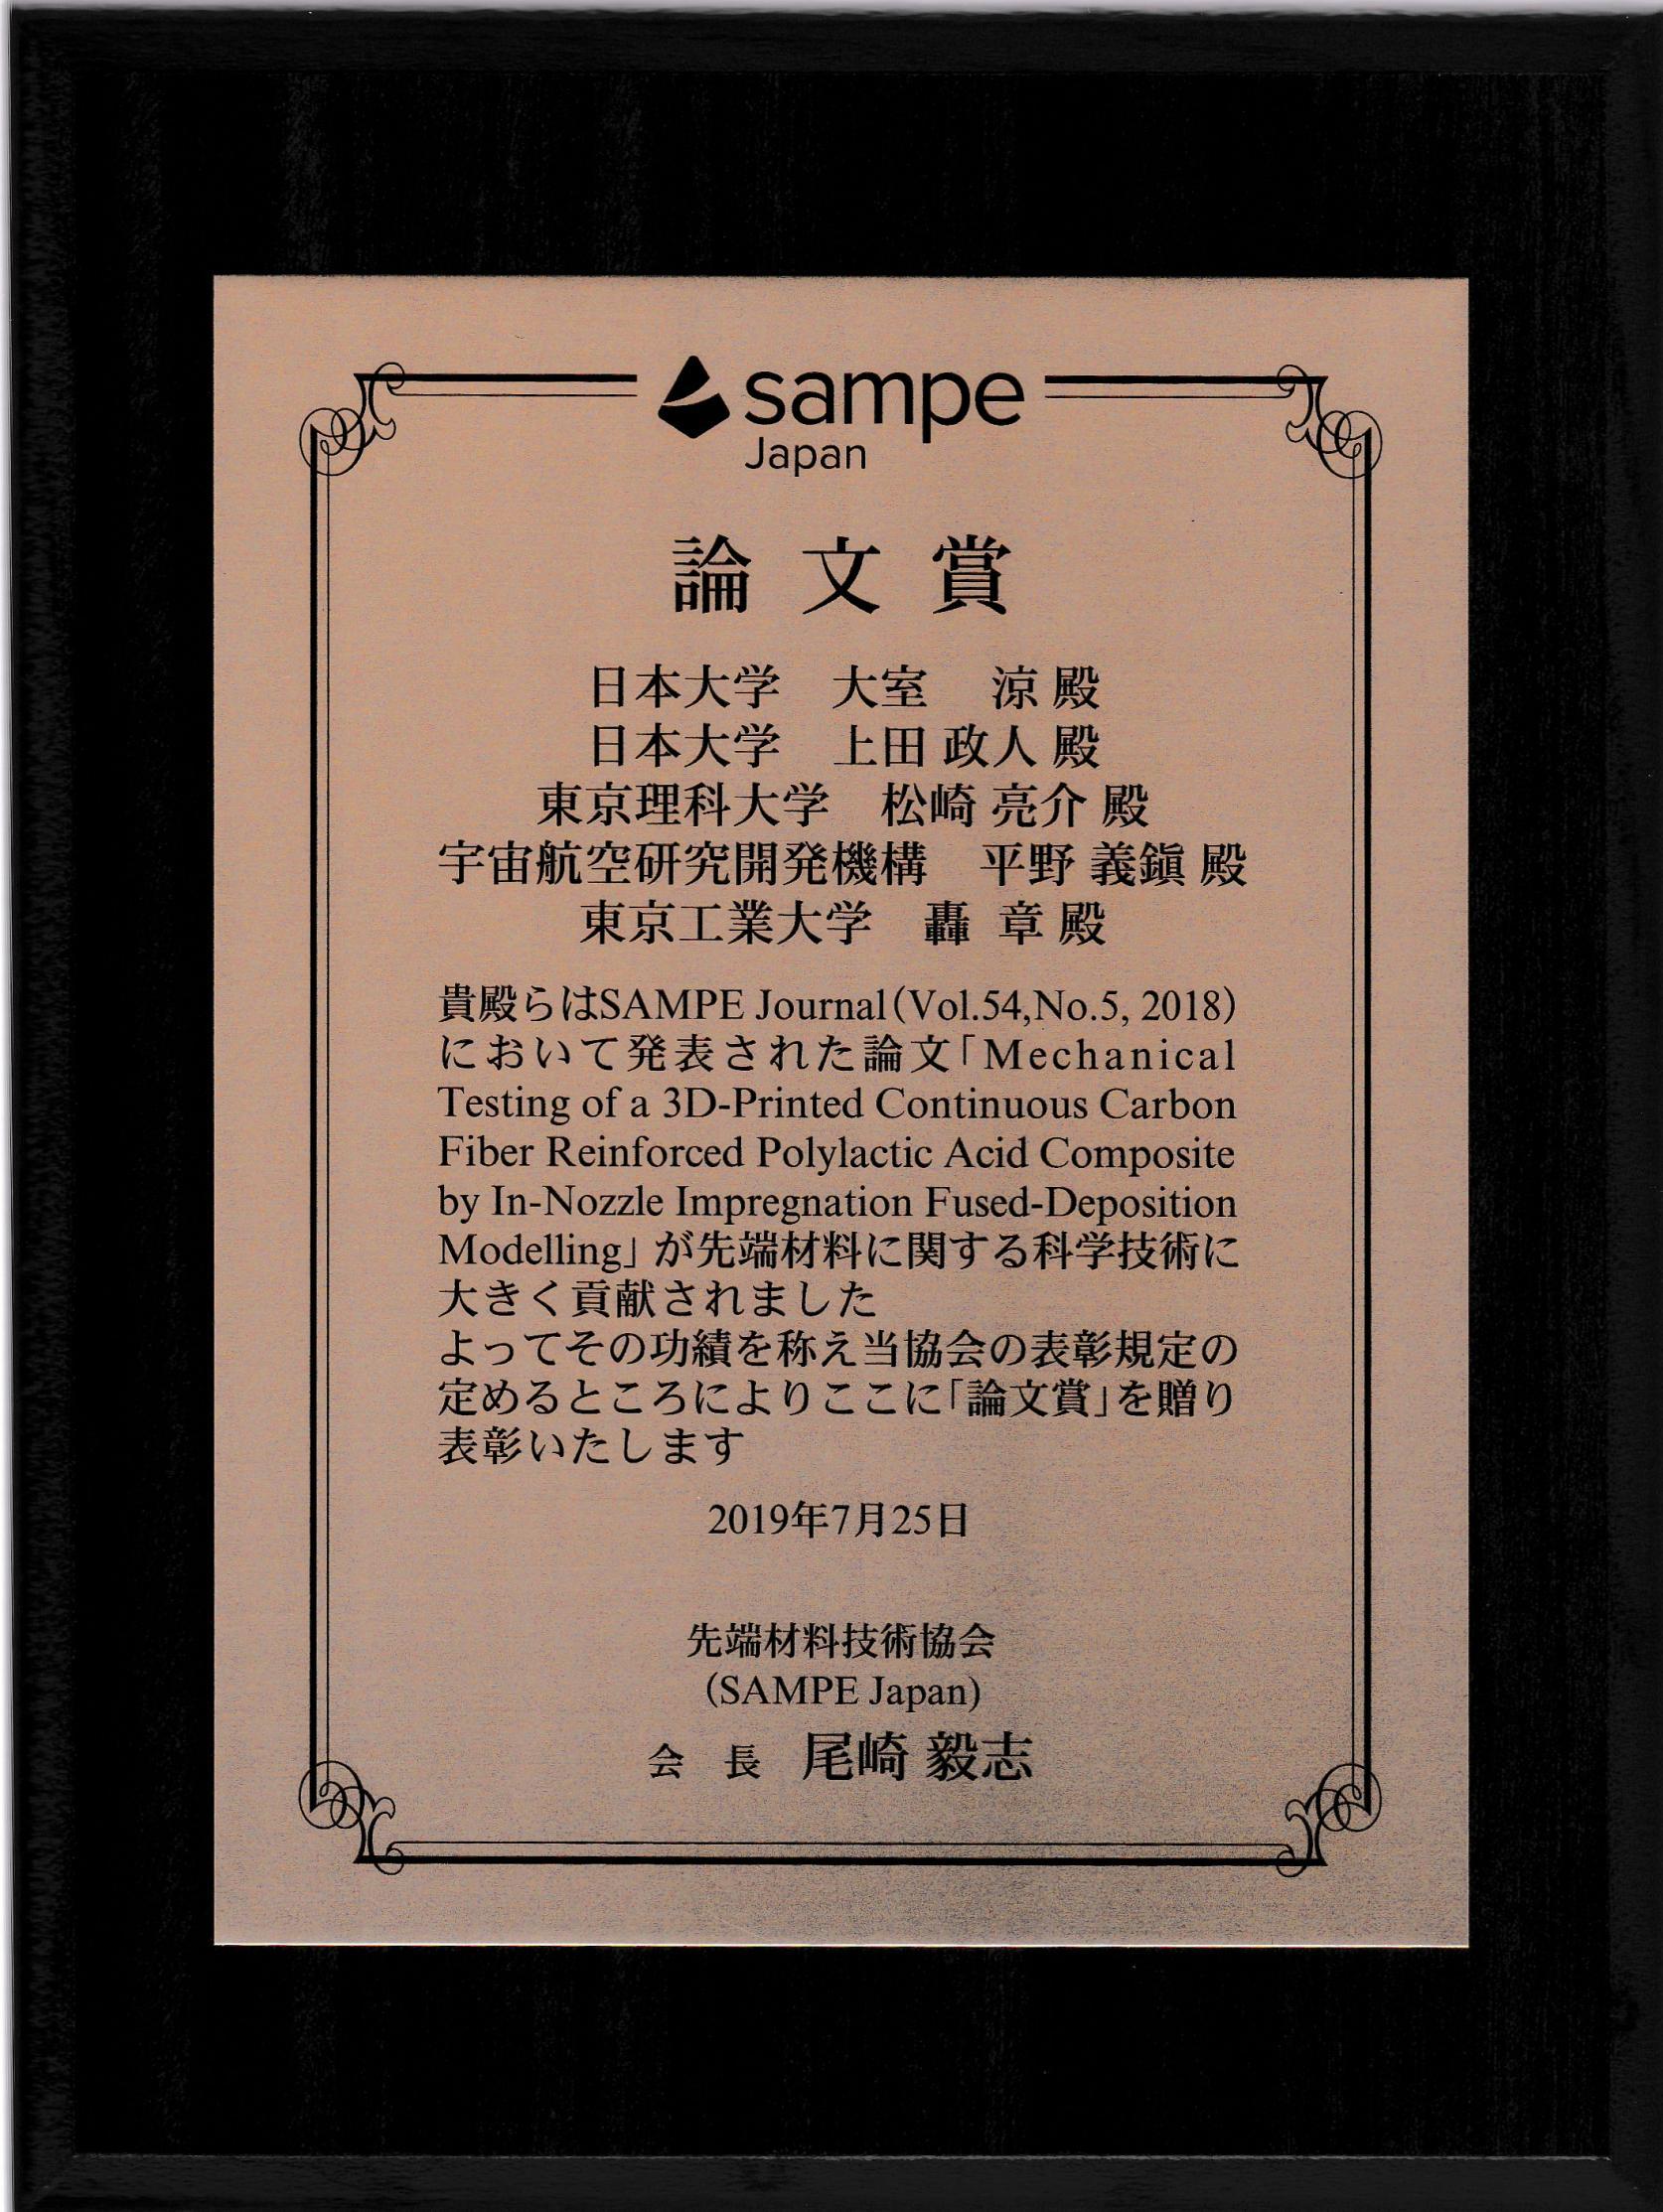 機械工学専攻修士2年(当時)の大室涼さんと上田政人准教授が「先端材料技術協会」において、2018年度論文賞を受賞しました。